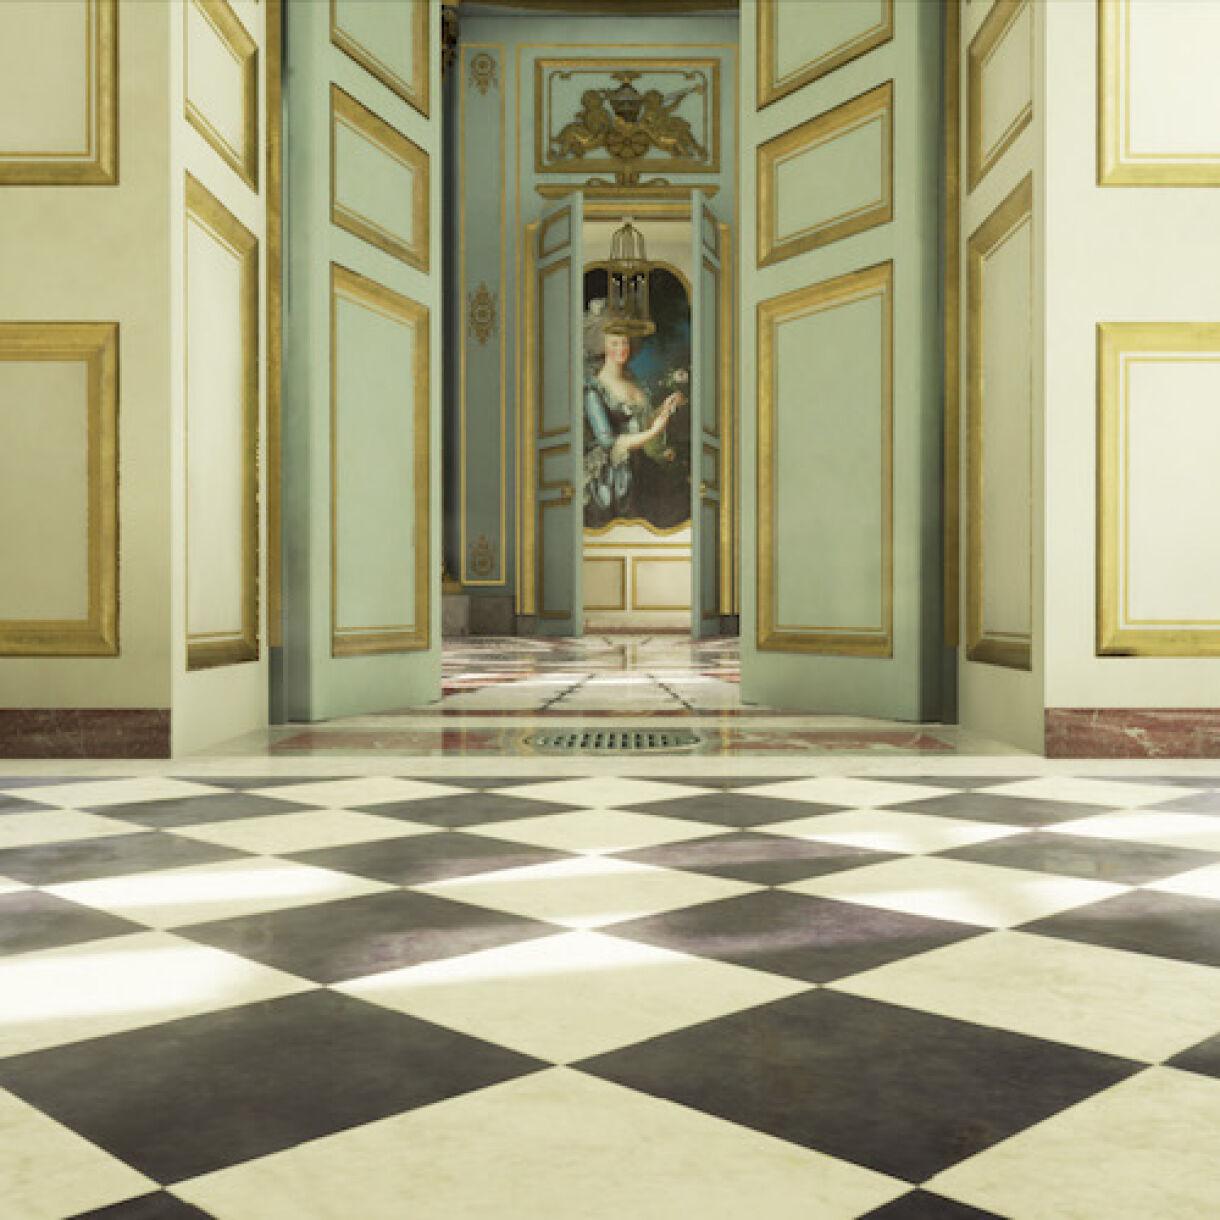 Peculiarities of Interior and Exterior Design